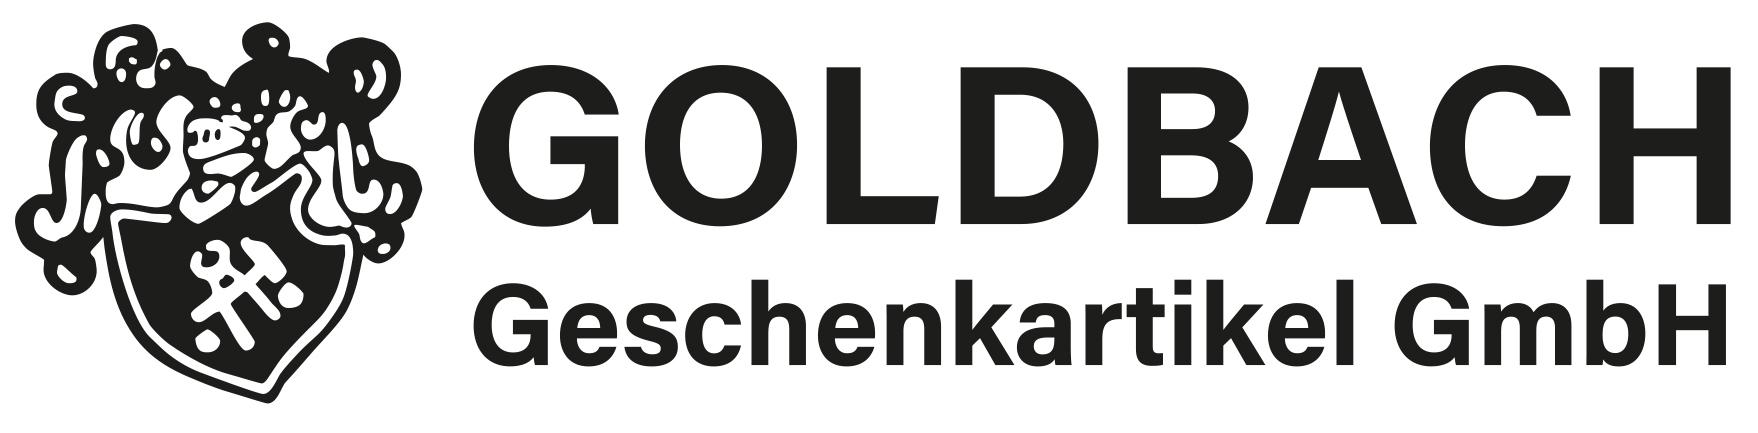 2019_11_19_Goldbach_Wappen_Schrift